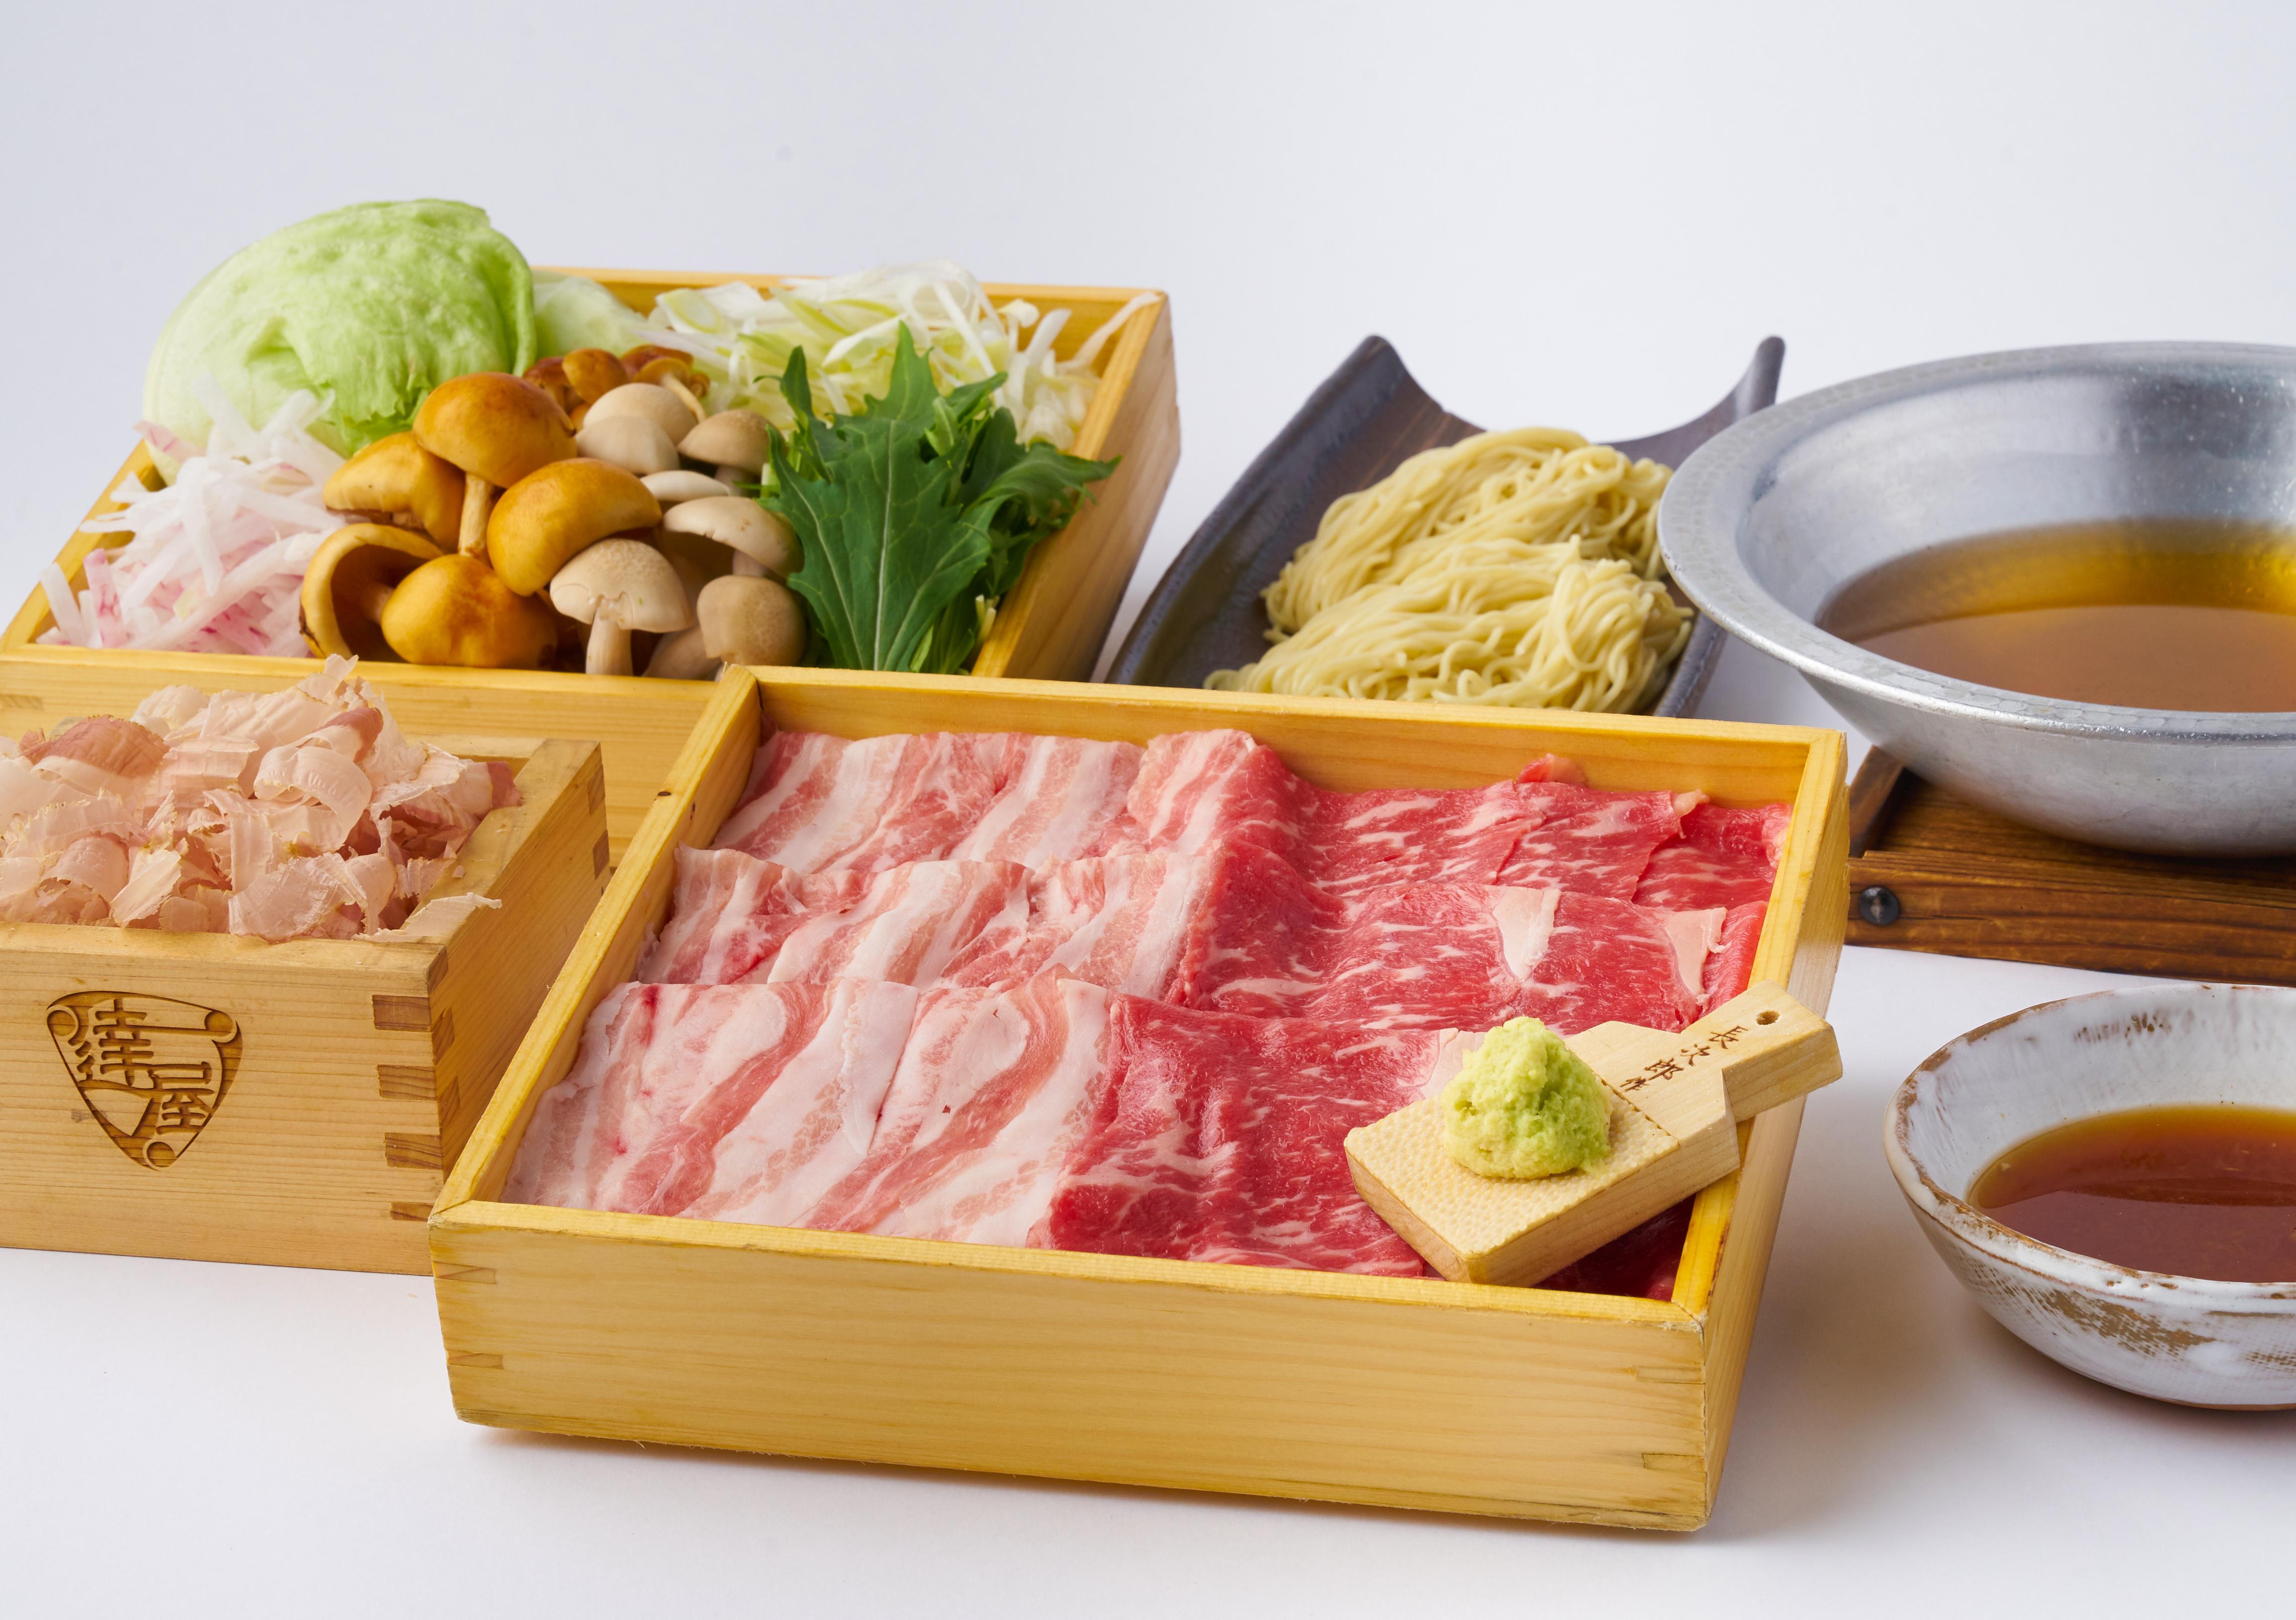 《お肉1.5倍!》「滋賀 近江牛」「十勝放牧豚」食べ比べ 究極のしゃぶしゃぶ 2人前セット